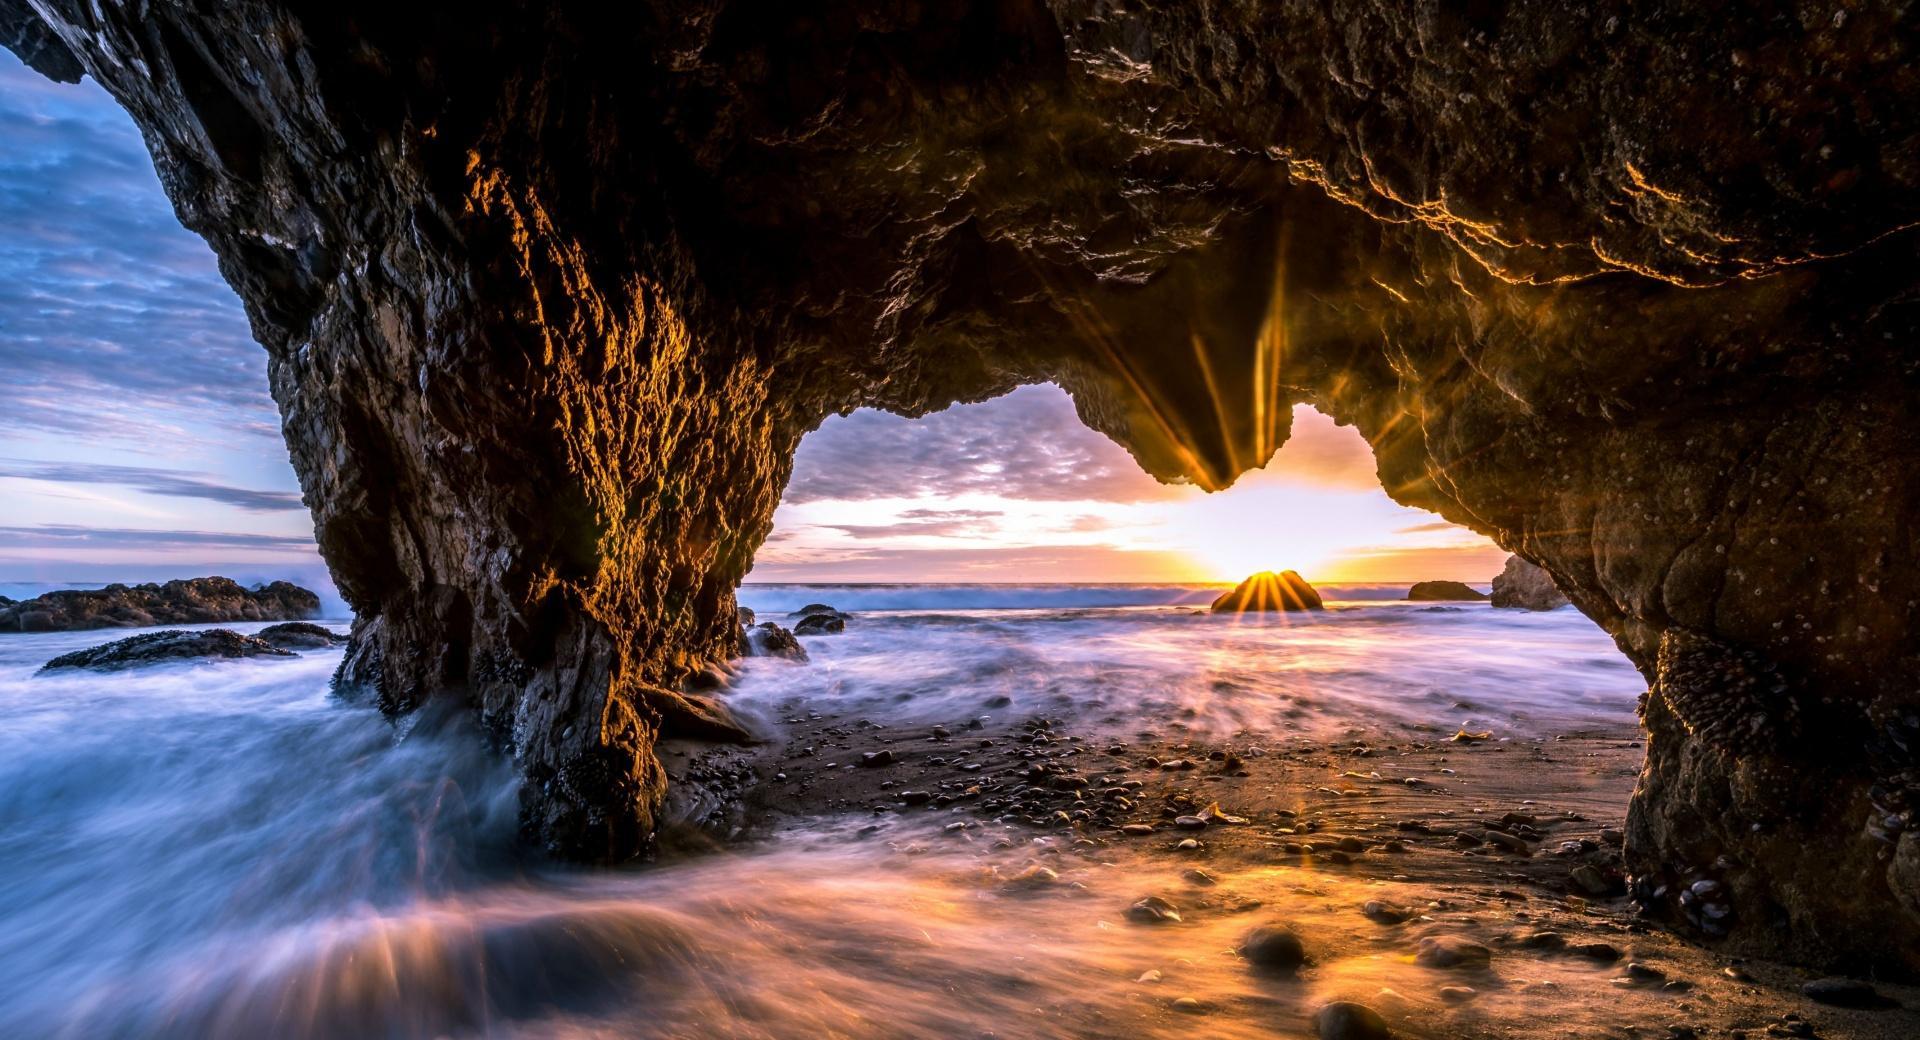 El Matador State Beach, CA wallpapers HD quality